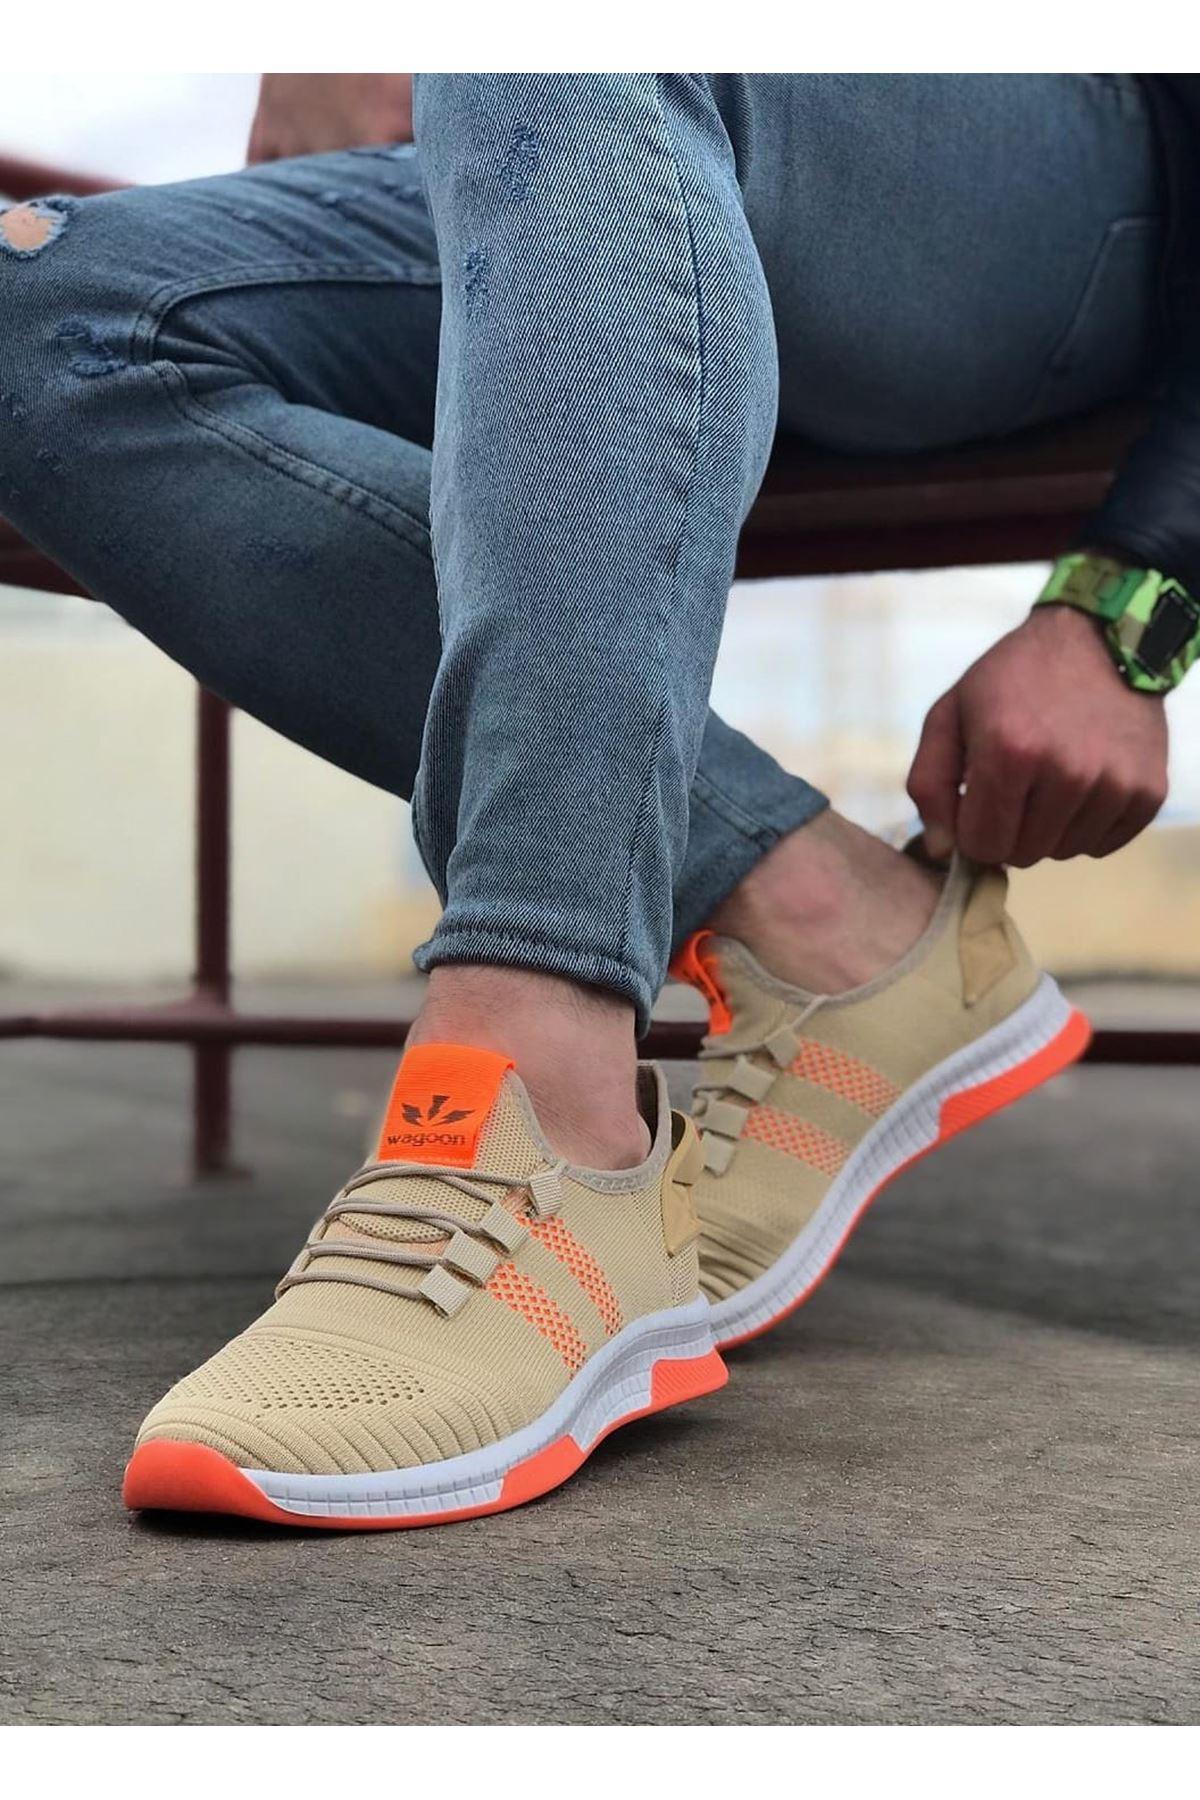 Wagoon WG101 Bej Turuncu Erkek Spor Ayakkabı